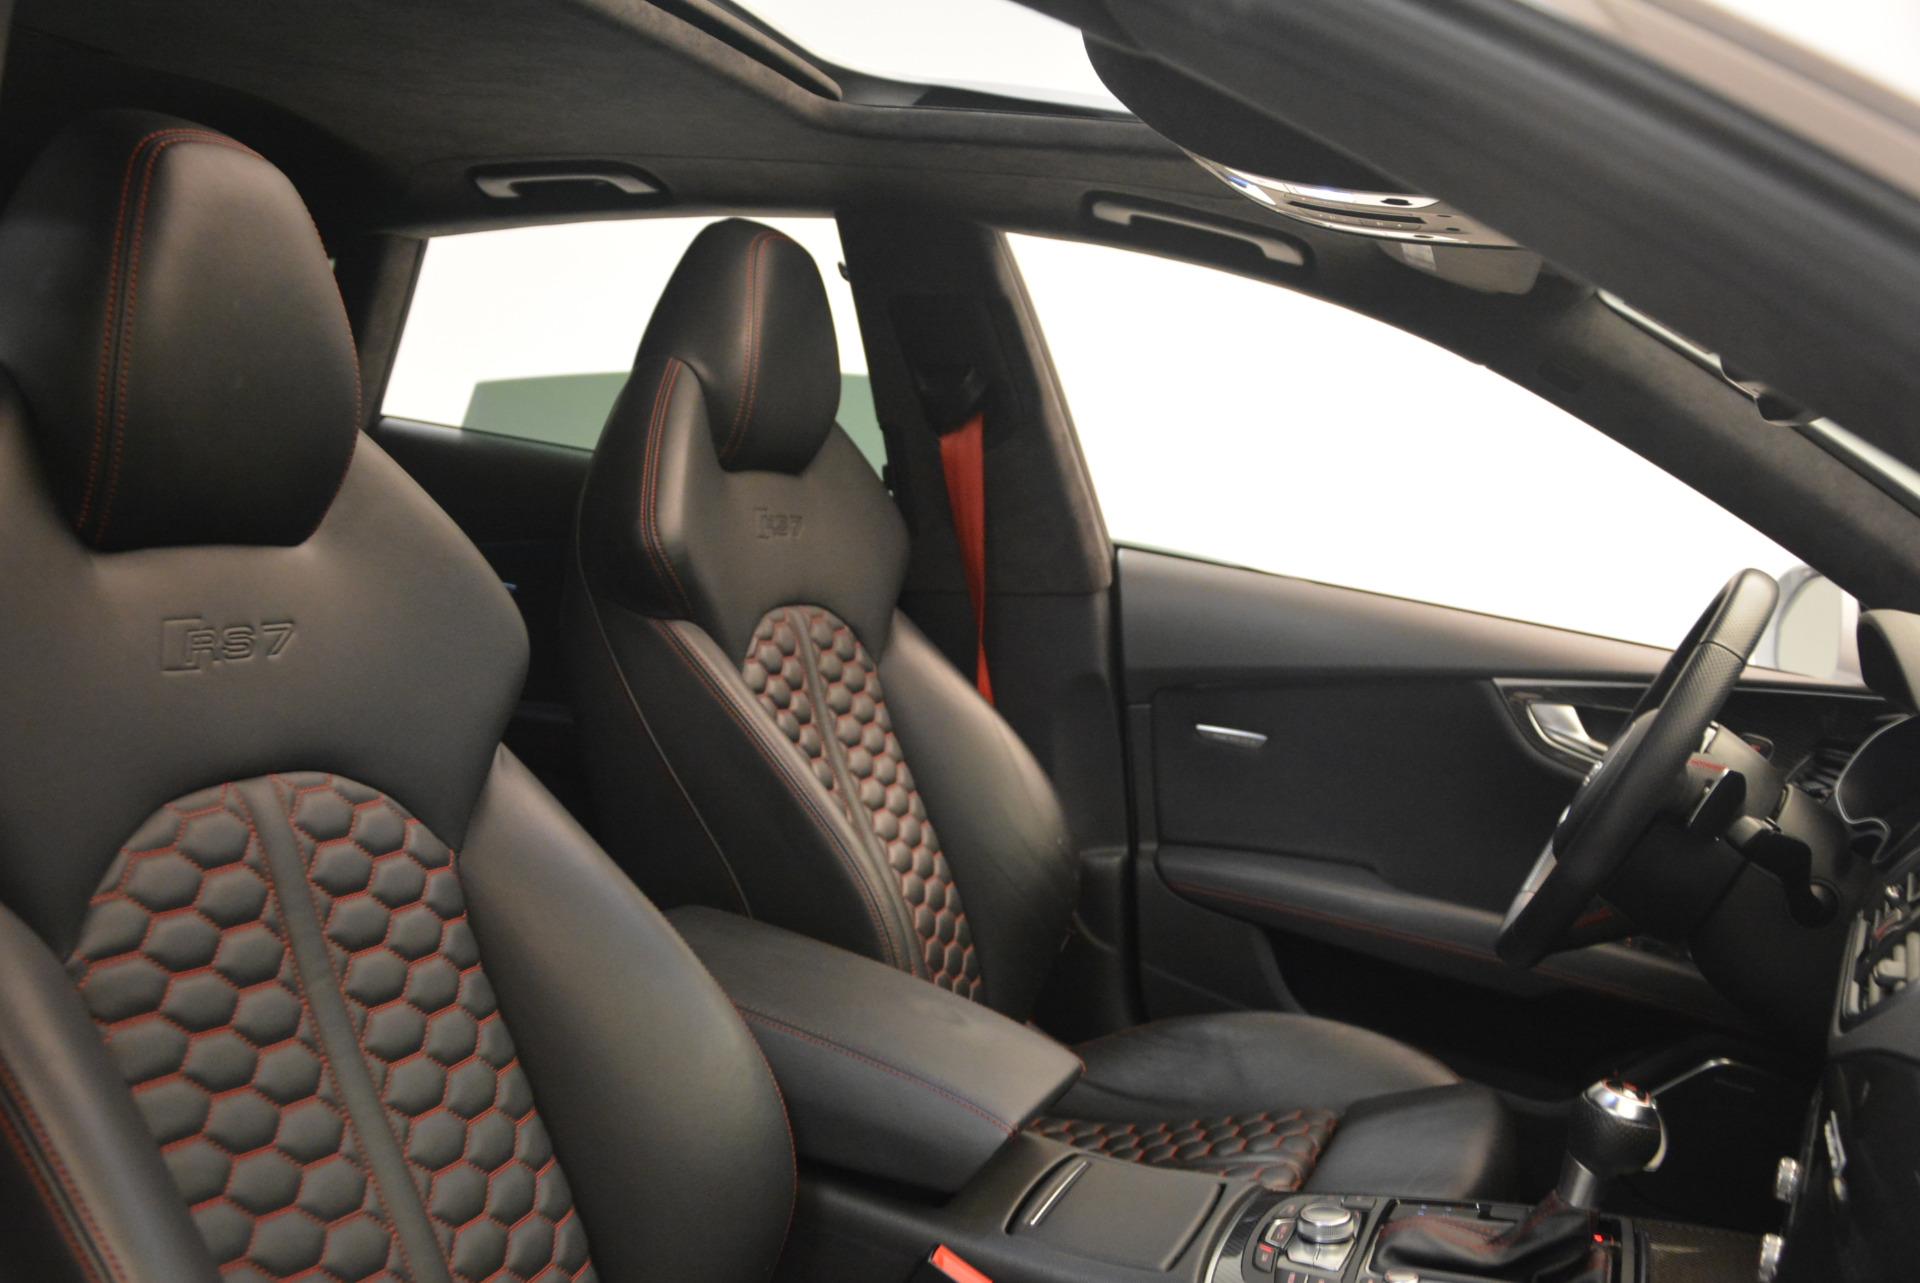 Used 2014 Audi RS 7 4.0T quattro Prestige For Sale In Westport, CT 1262_p43